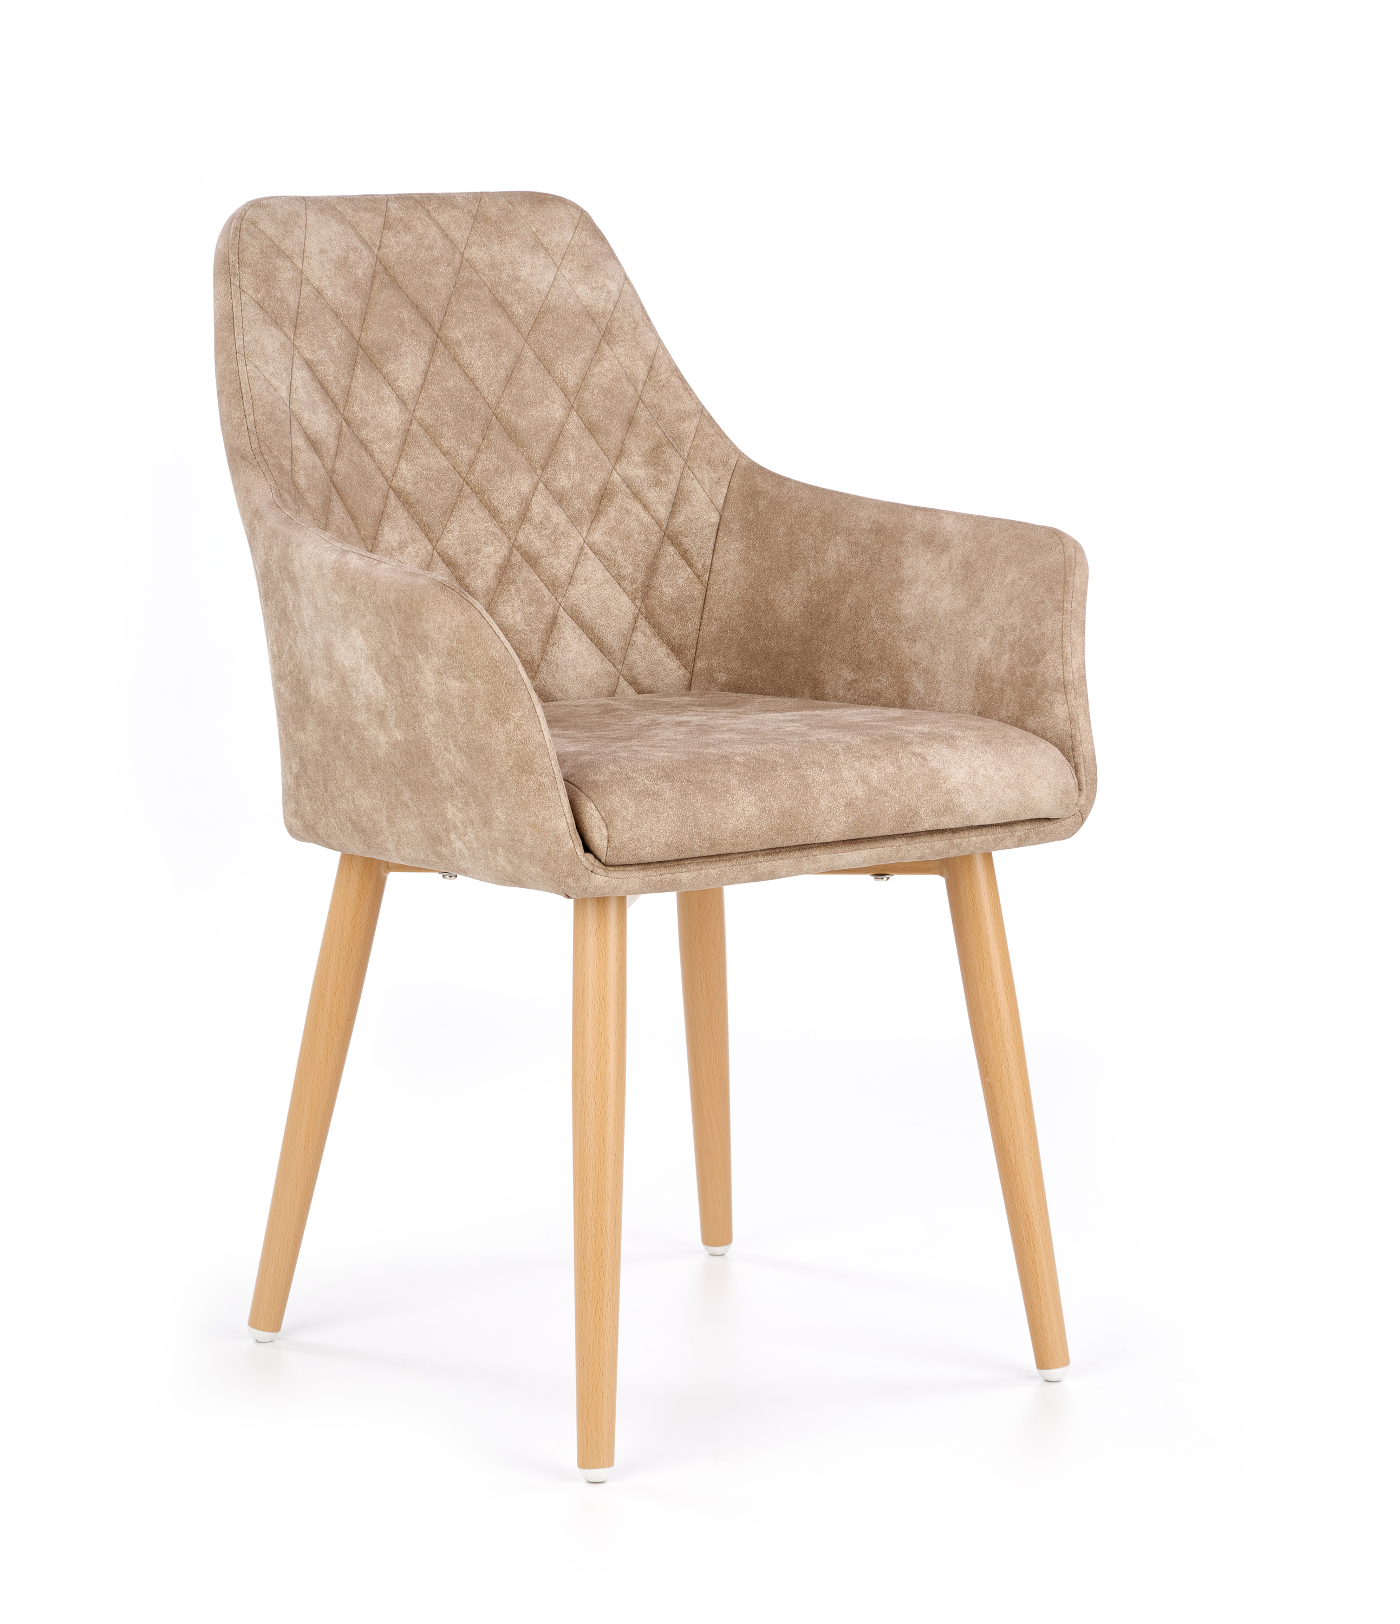 K287 krzesło beżowy